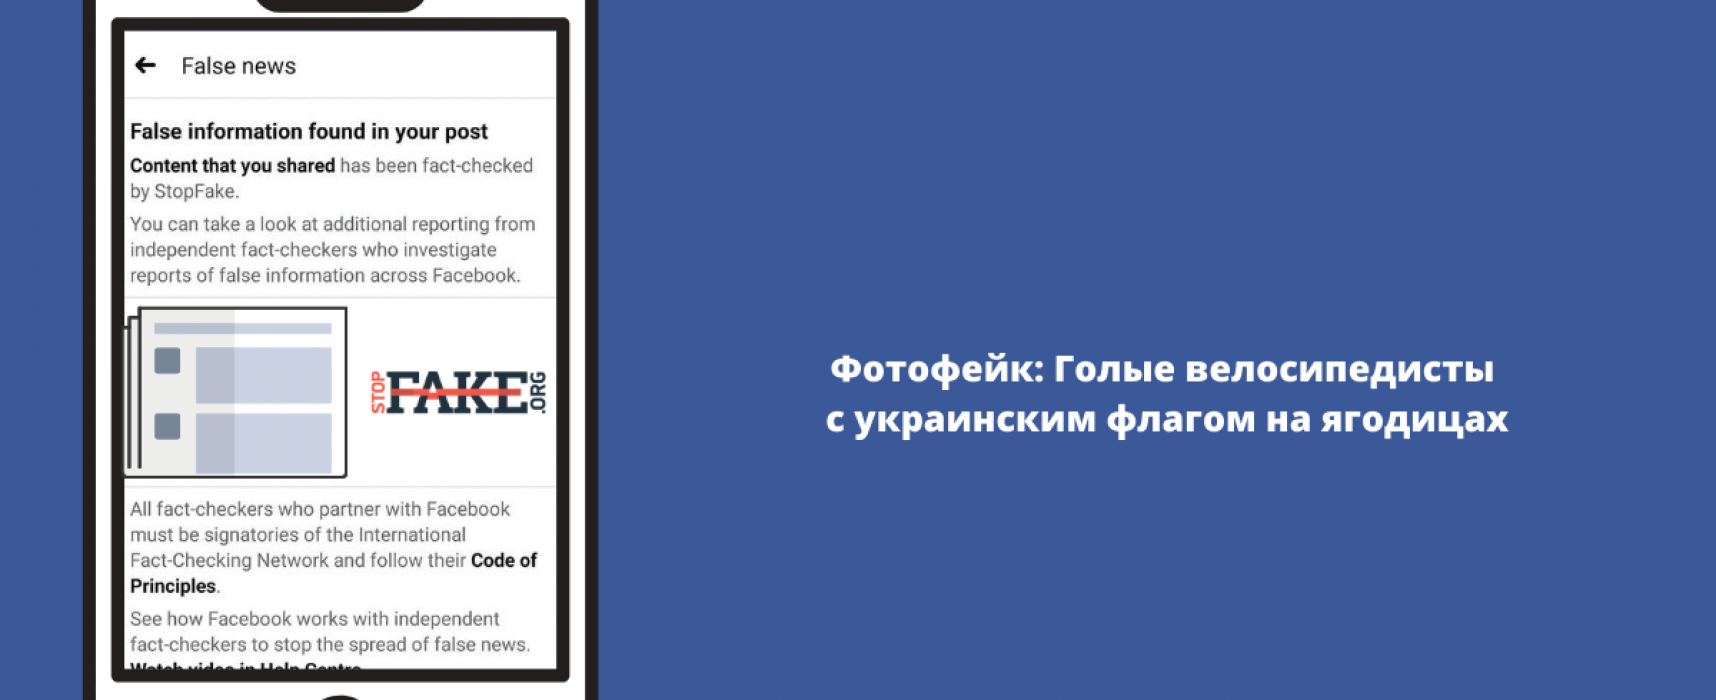 Фотофейк: Оголені велосипедисти з українським прапором на сідницях